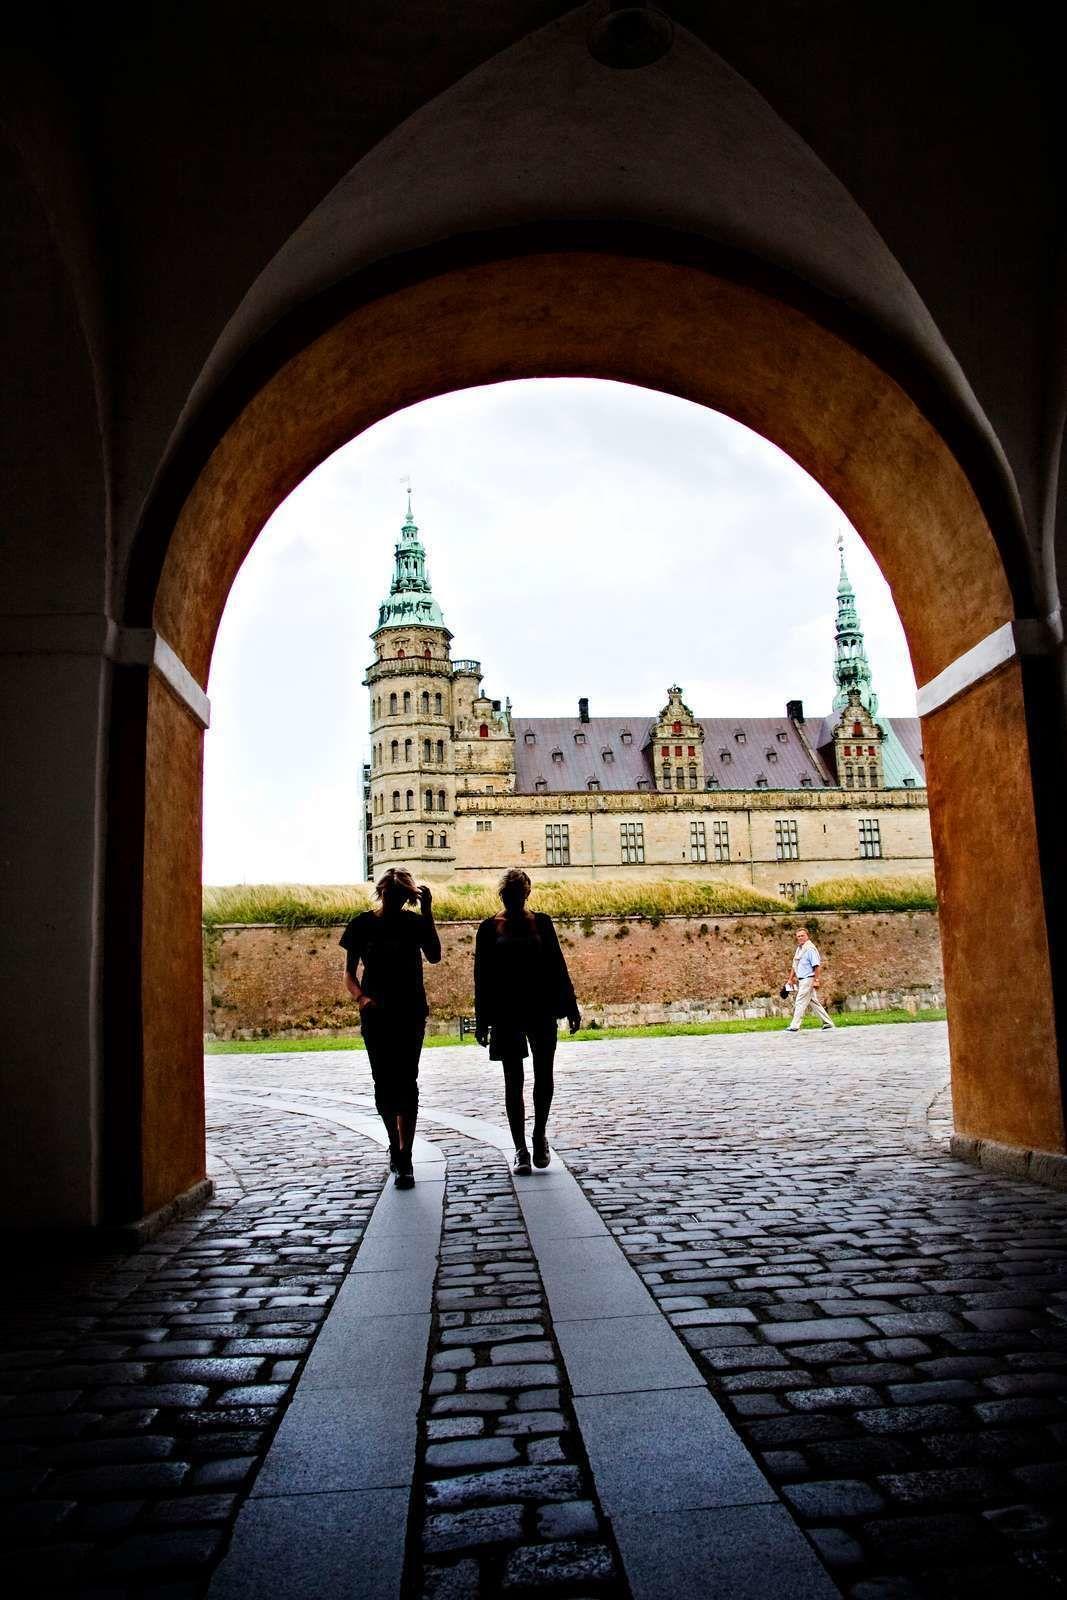 Silhouette of women walking near a castle in Denmark